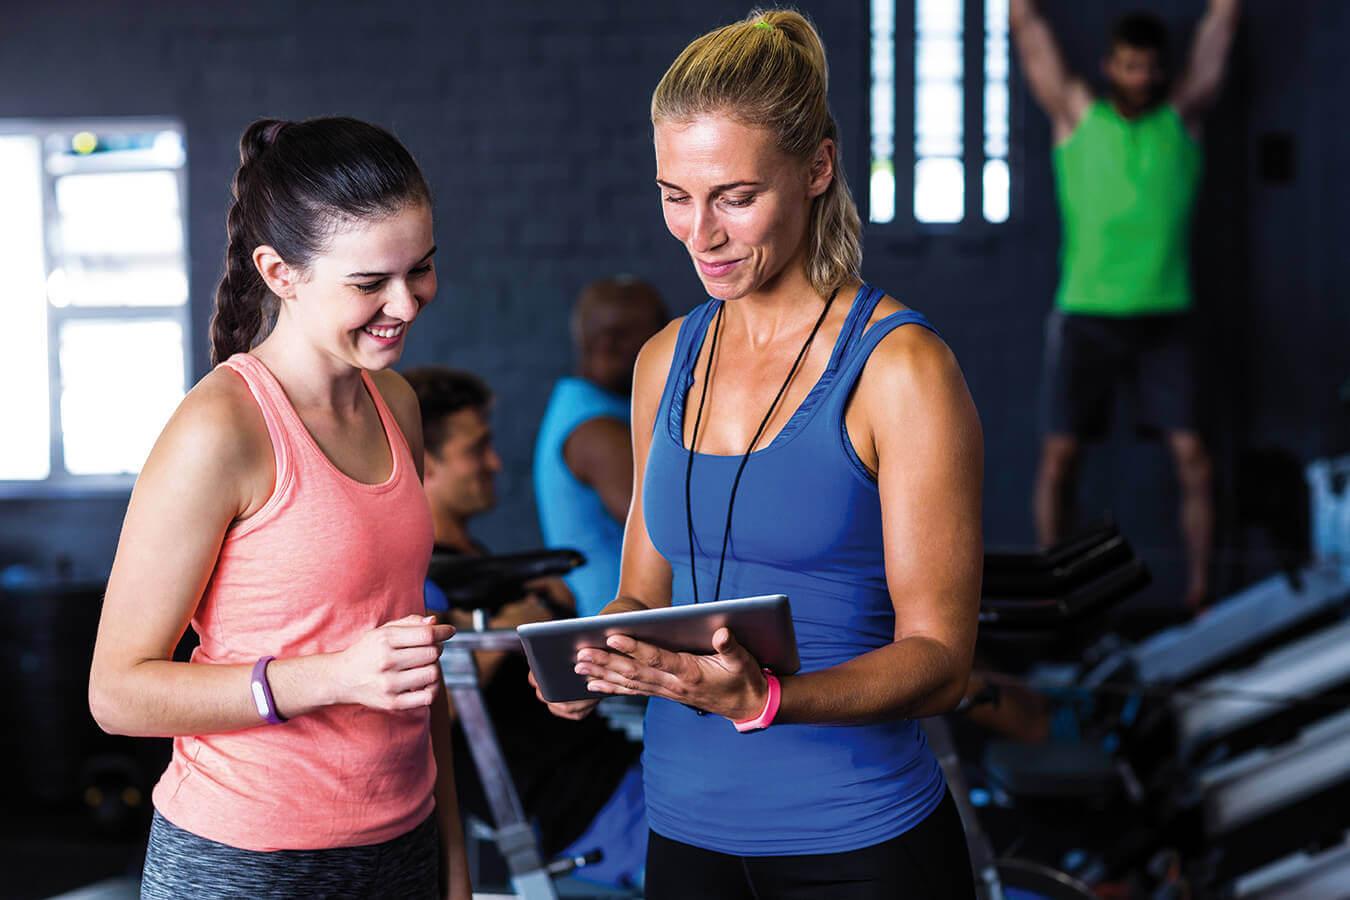 È il tempo di digitalizzare il mondo del fitness